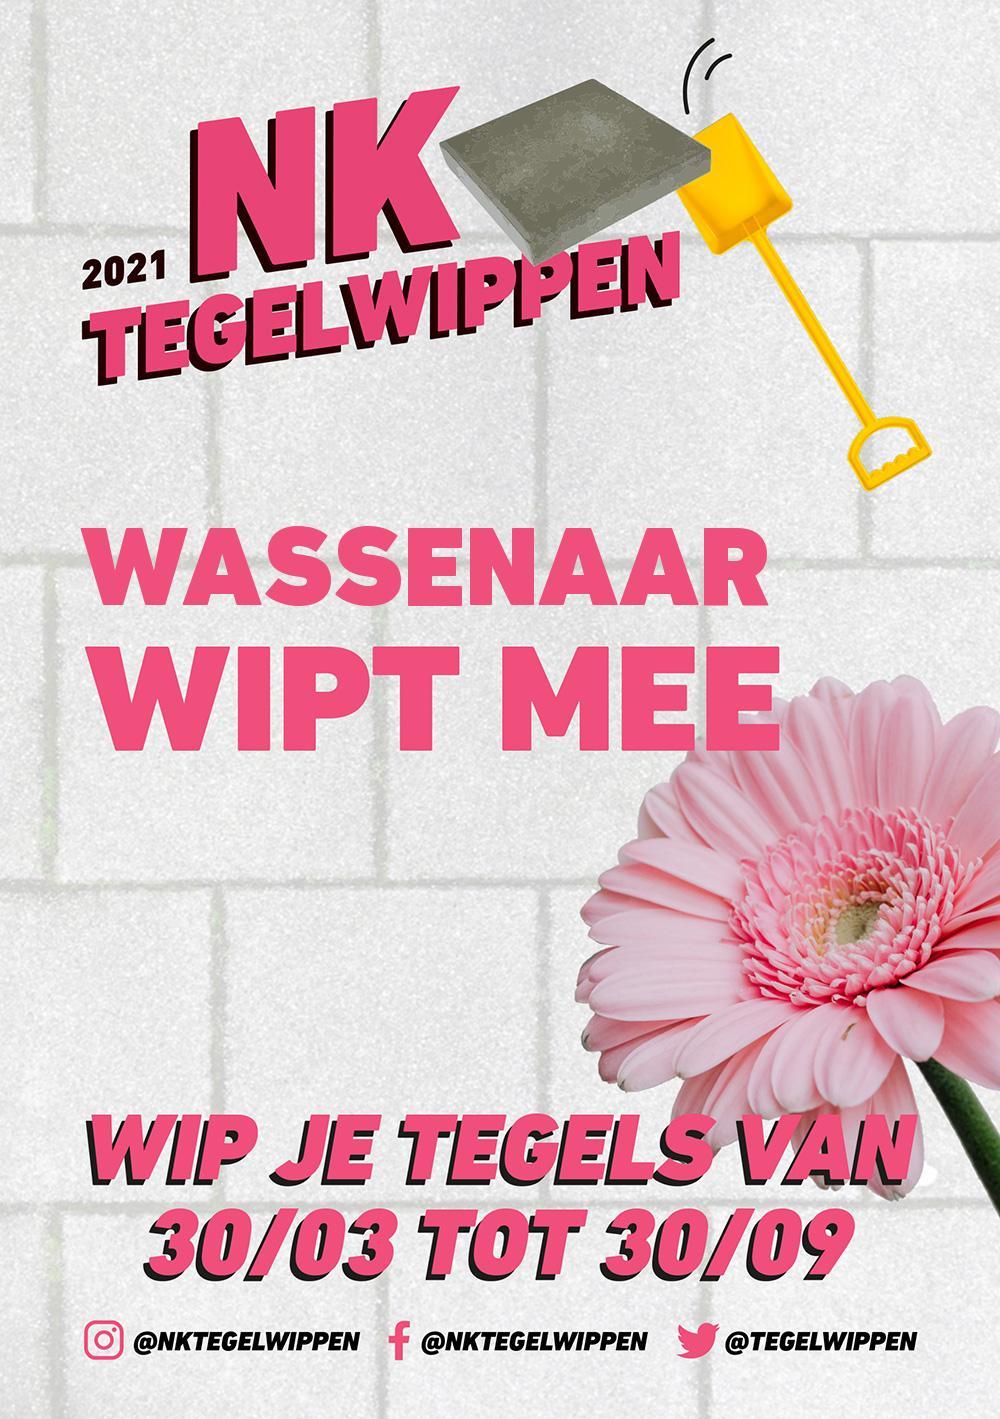 NK tegelwippen Wassenaar